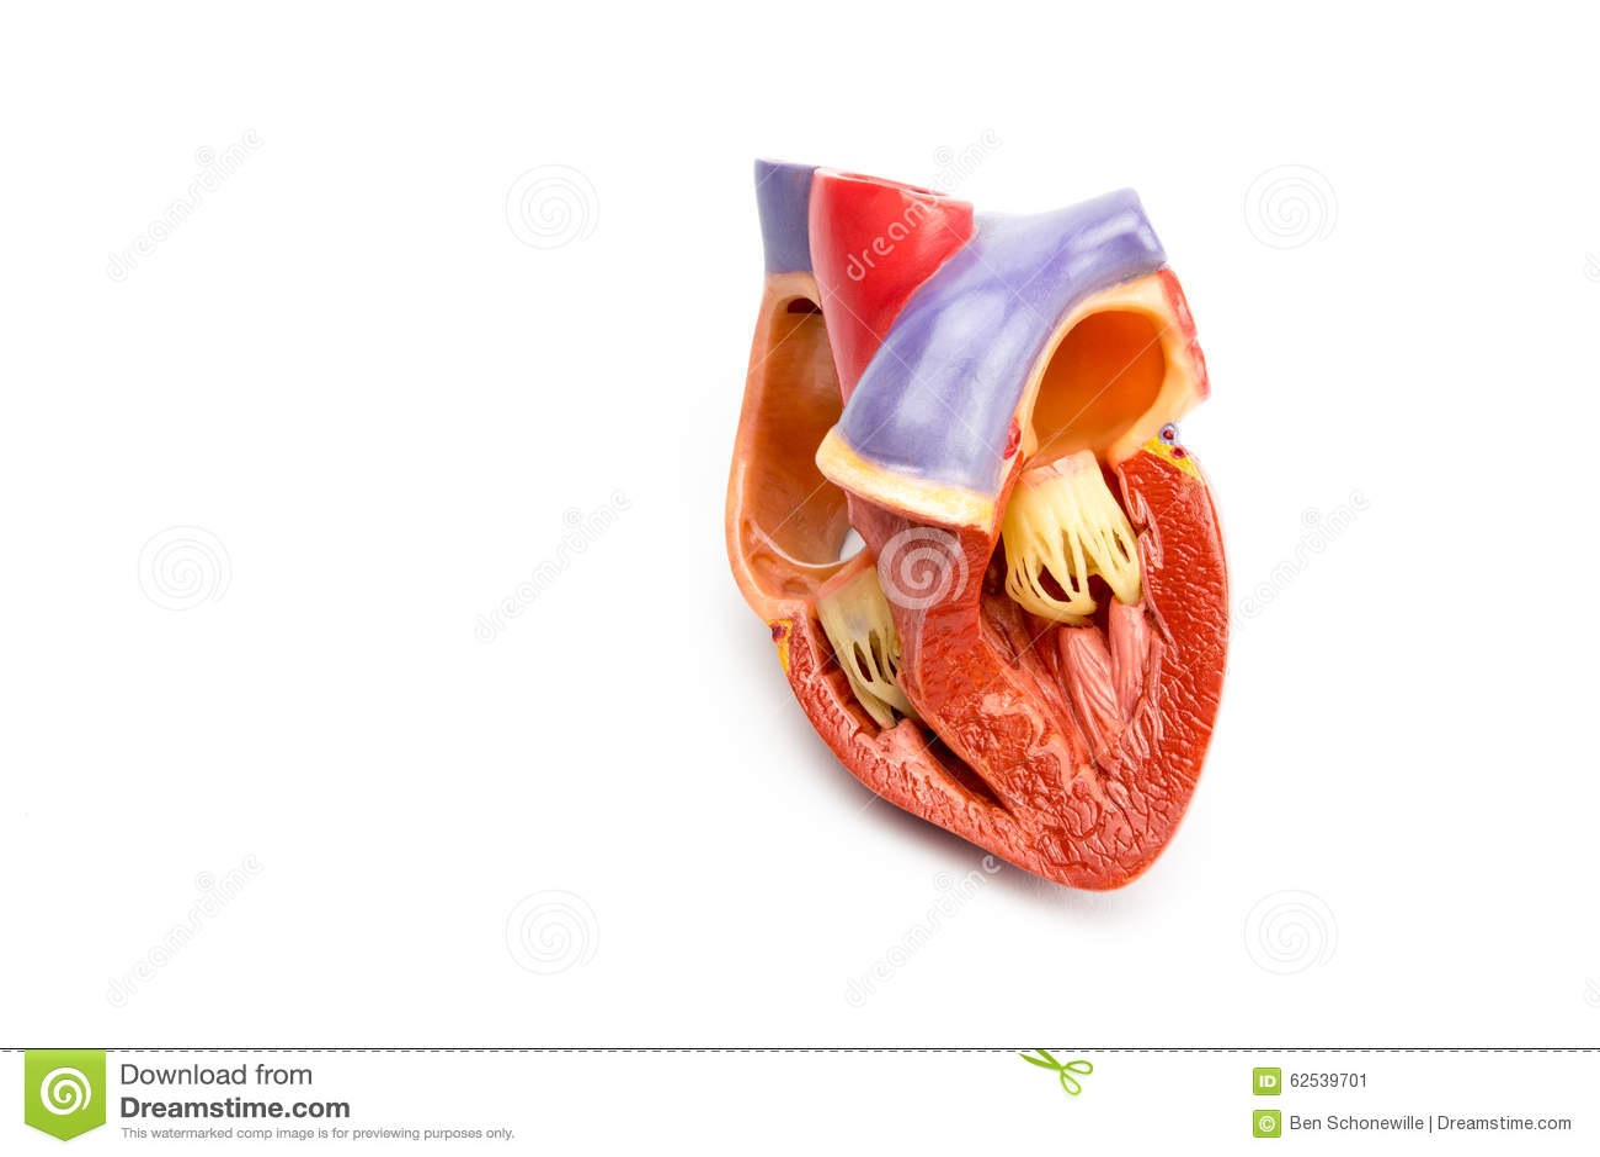 Модель открытого человеческого сердца изолированного на белой предпосылке